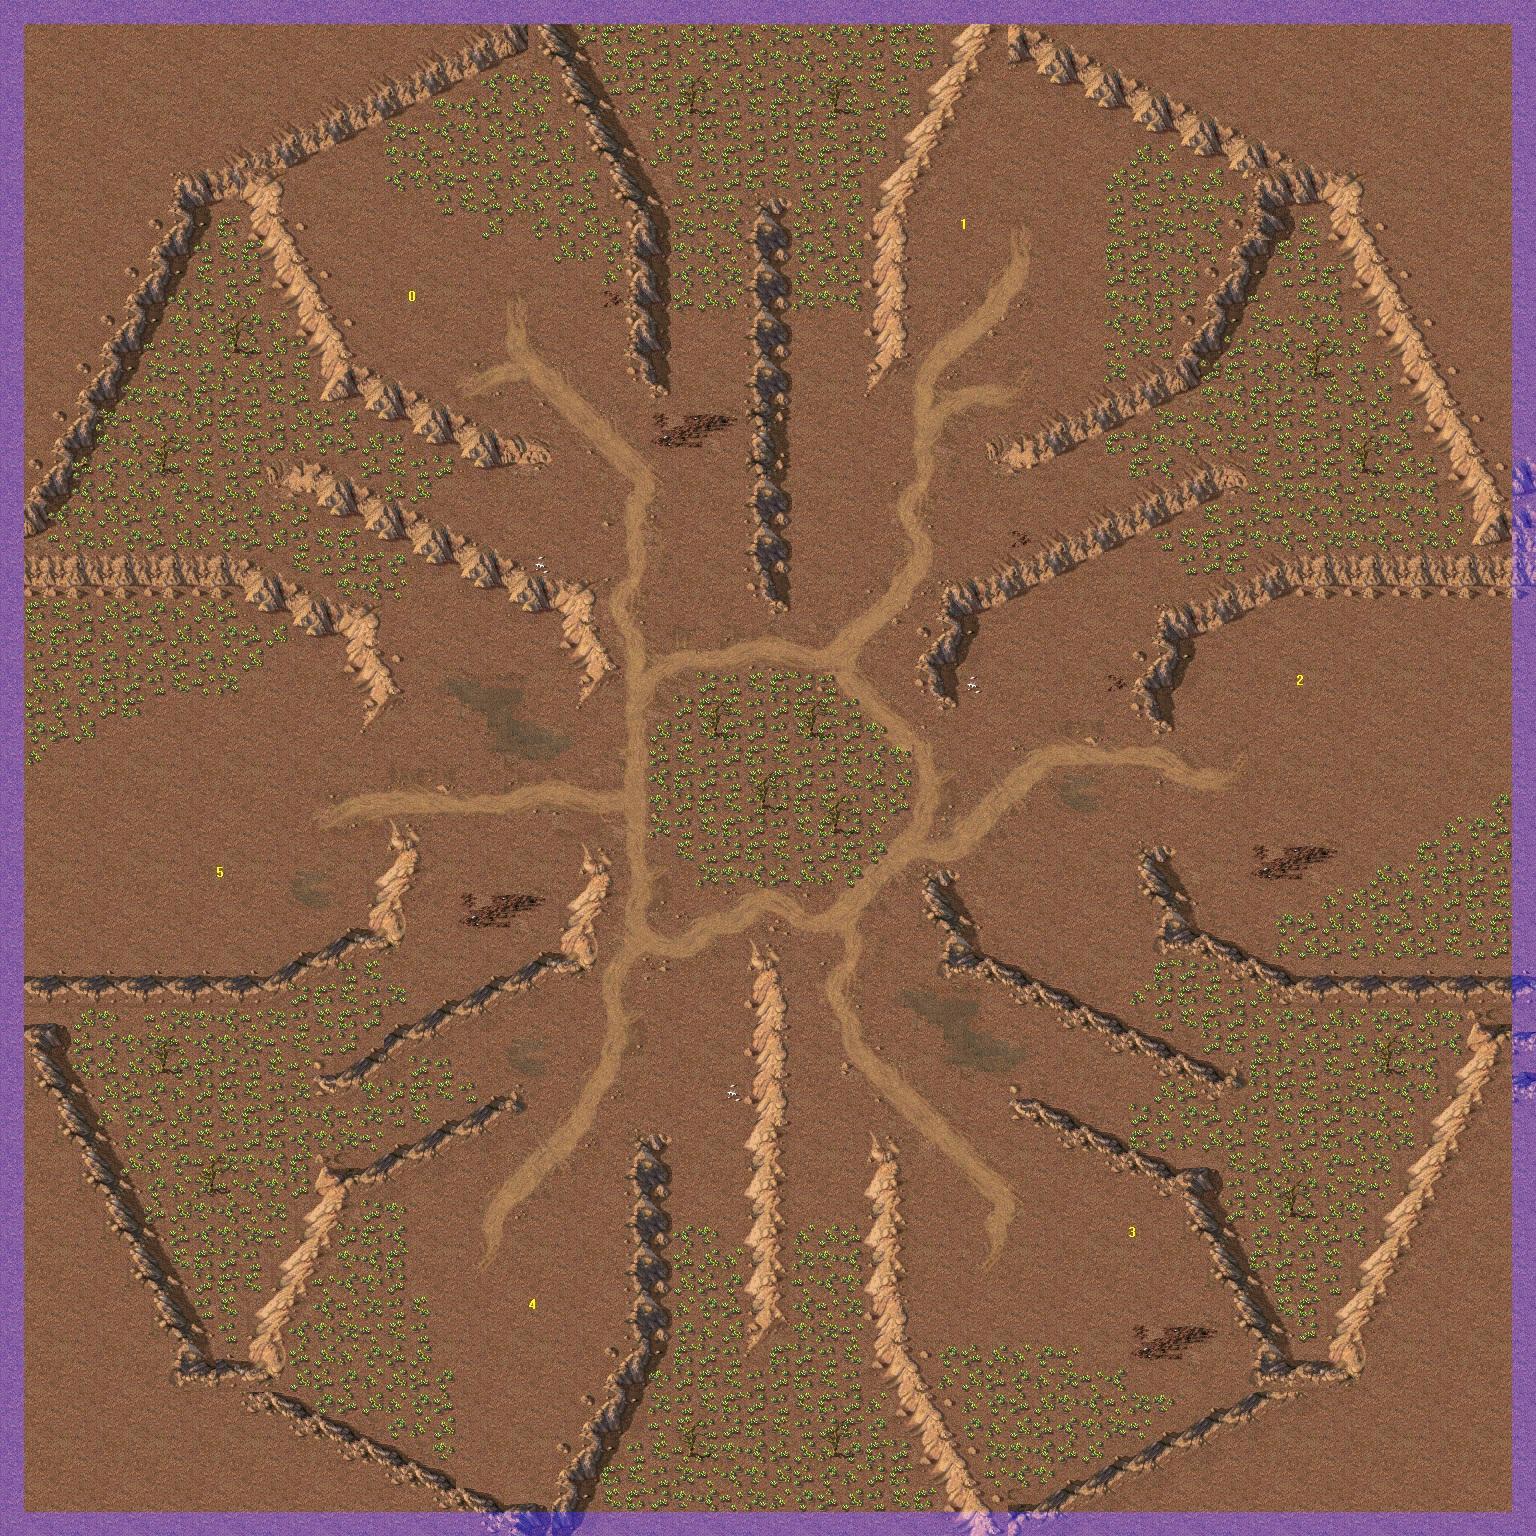 58f0dfc177d37_scm197eaVERTICAL_LIMIT.jpg.2f21193c52cffb84f4ce7bfb7f21885c.jpg